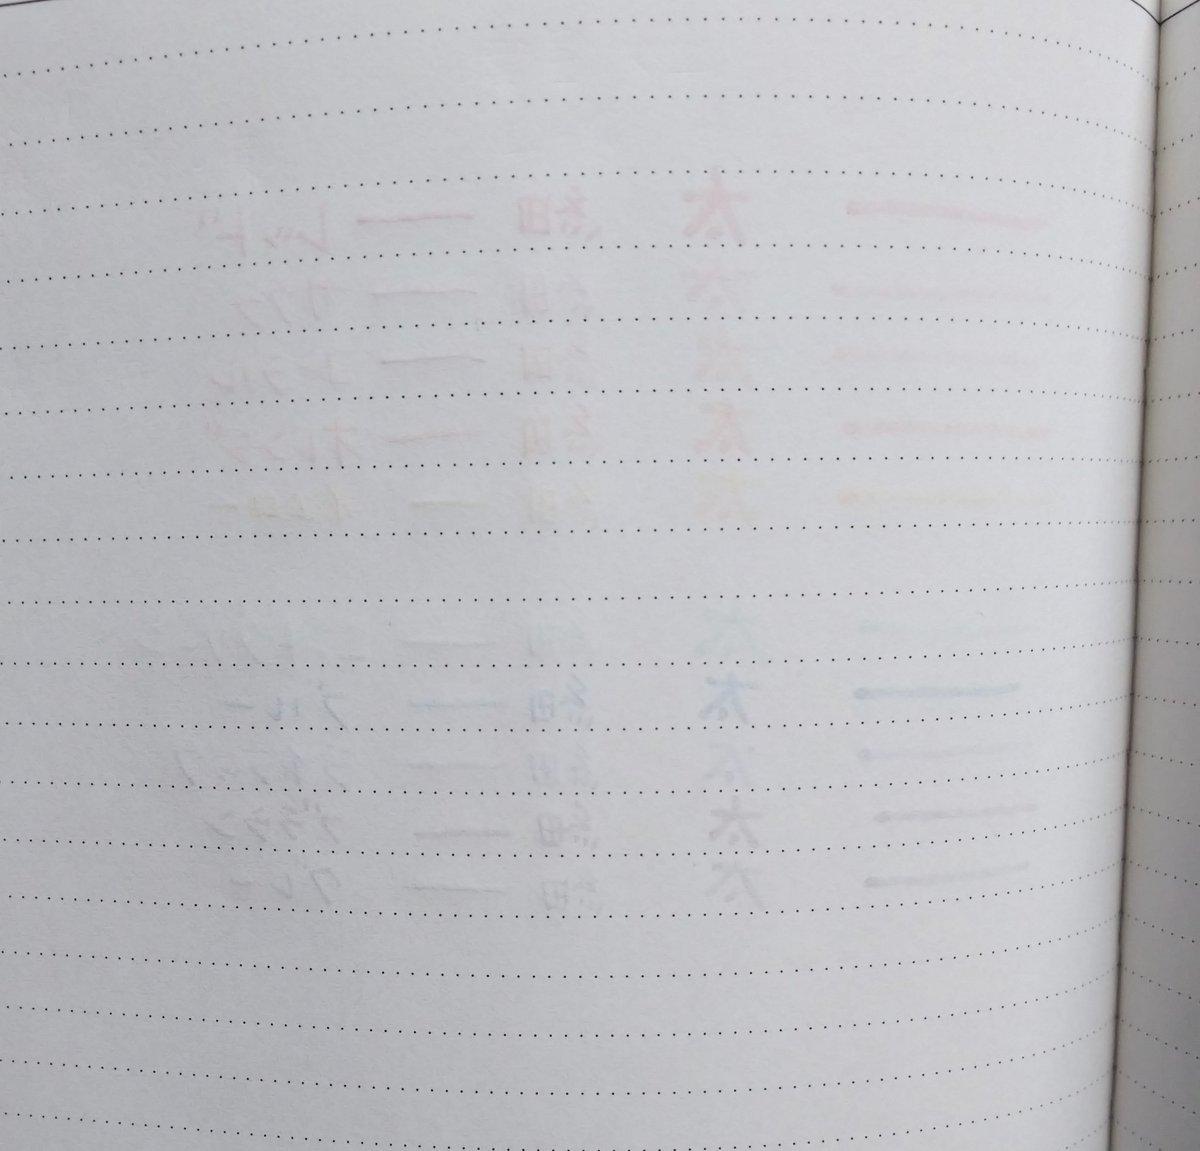 test ツイッターメディア - 裏抜け感こんなかんじ #DAISO #ツーウェイサインペン #Edit #Edit手帳 https://t.co/kgZKWaew6n